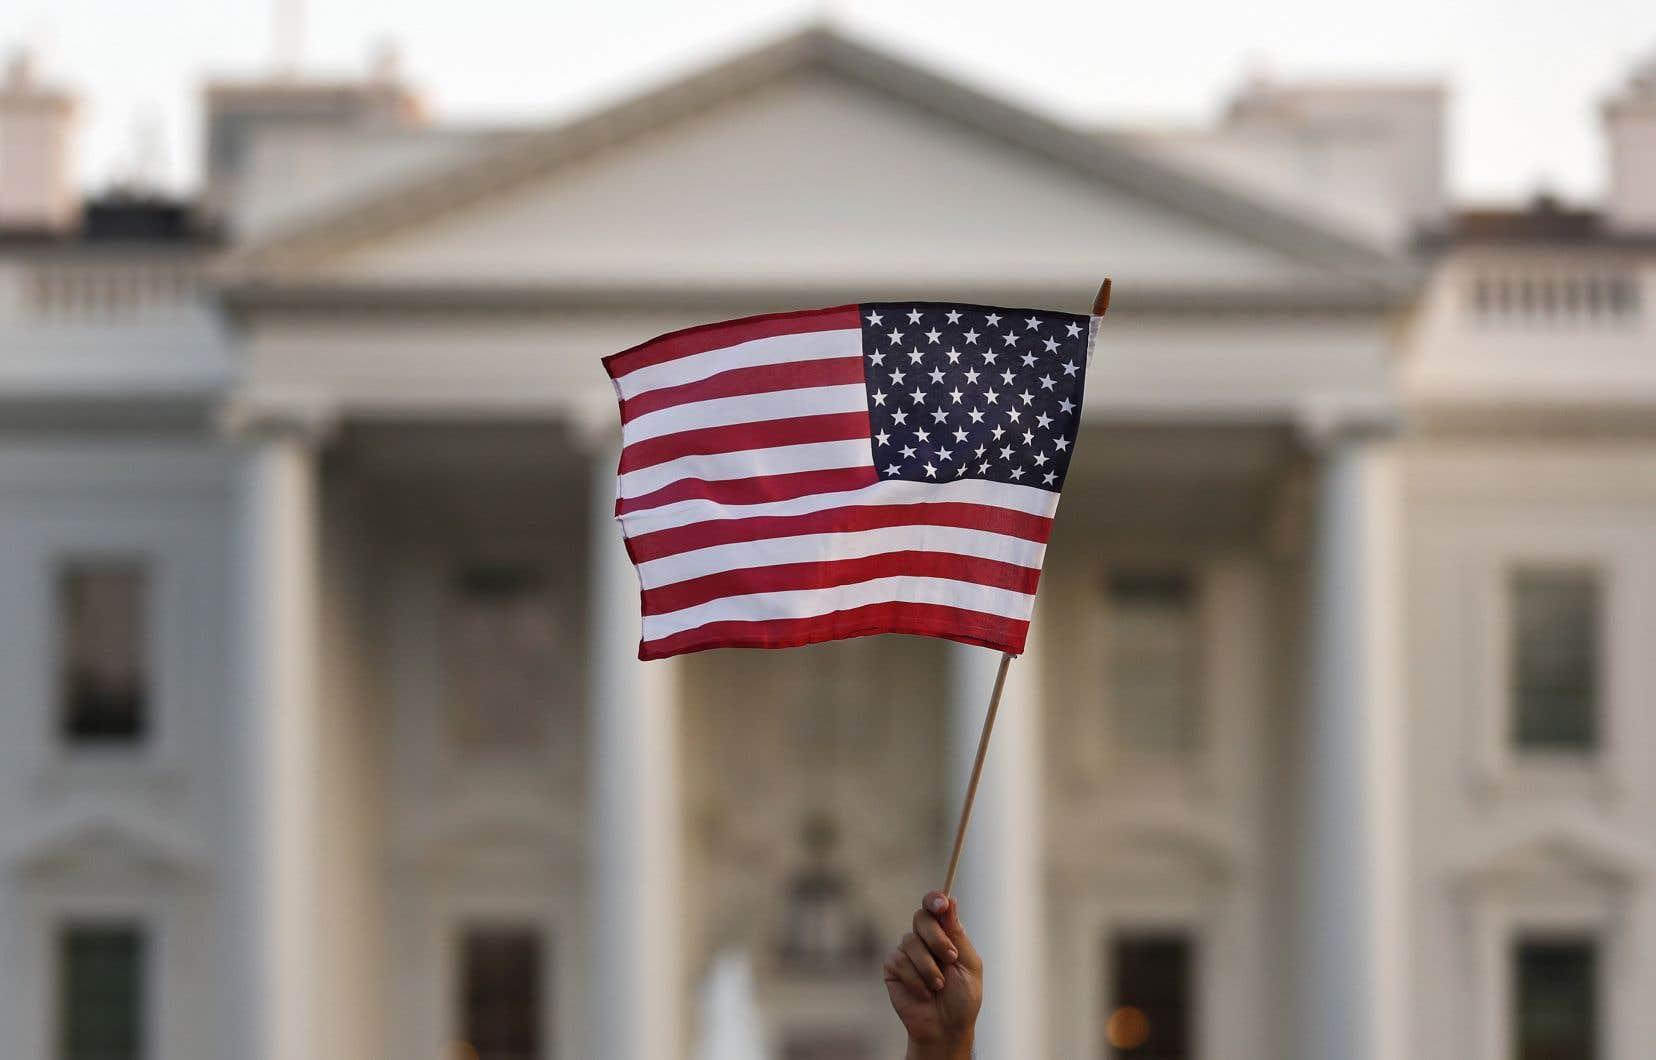 Le président Donald Trump envisage d'endosser les couleurs républicaines depuis la Maison-Blanche et le candidat démocrate Joe Biden a renoncé à se rendre en personne à la convention démocrate.